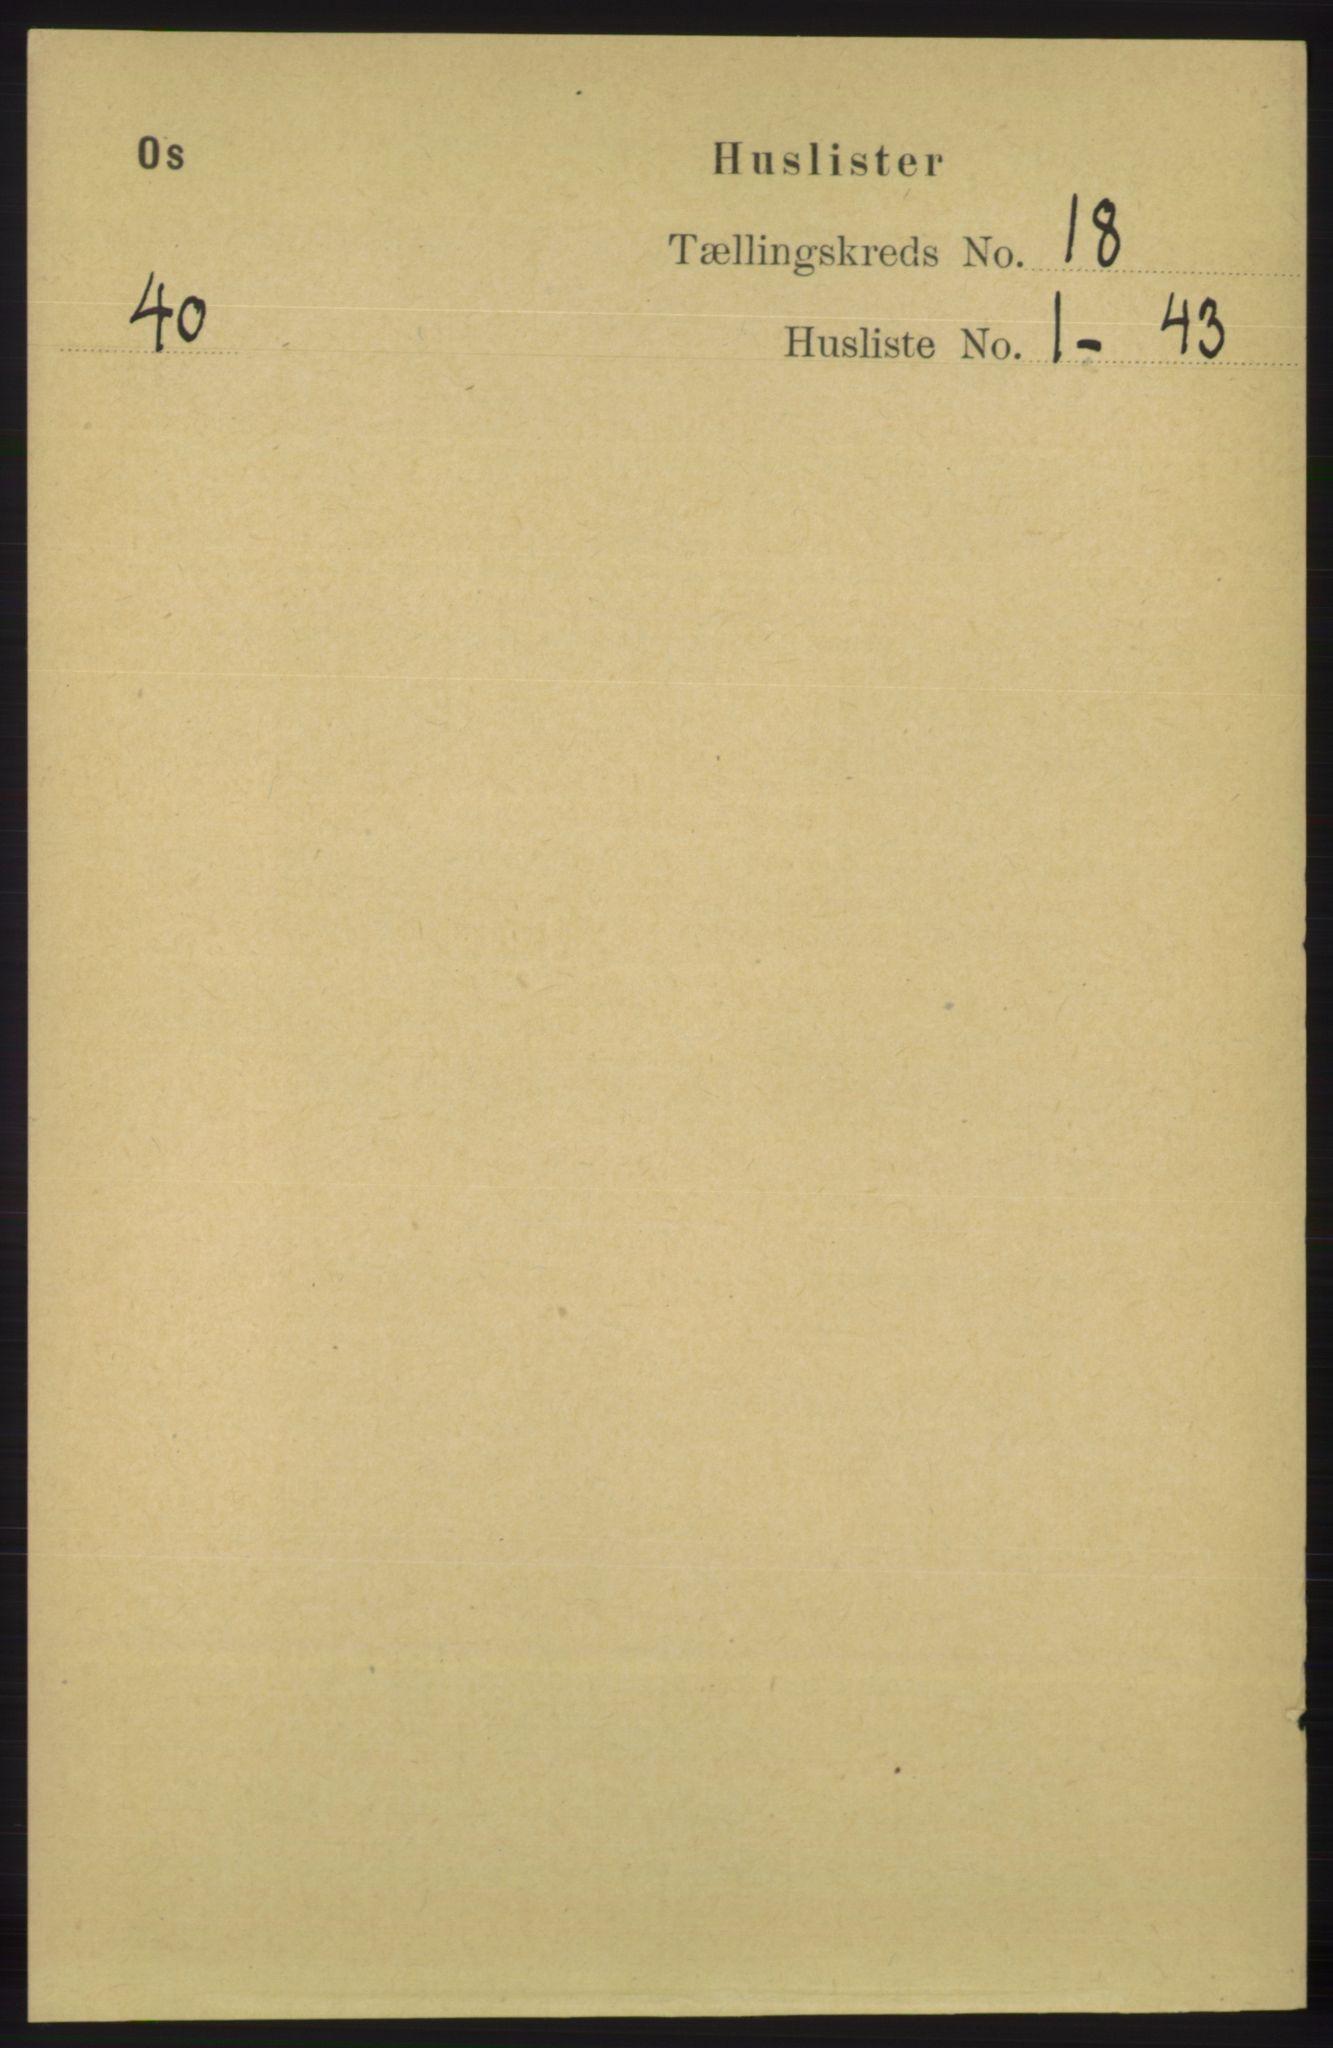 RA, Folketelling 1891 for 1243 Os herred, 1891, s. 3865